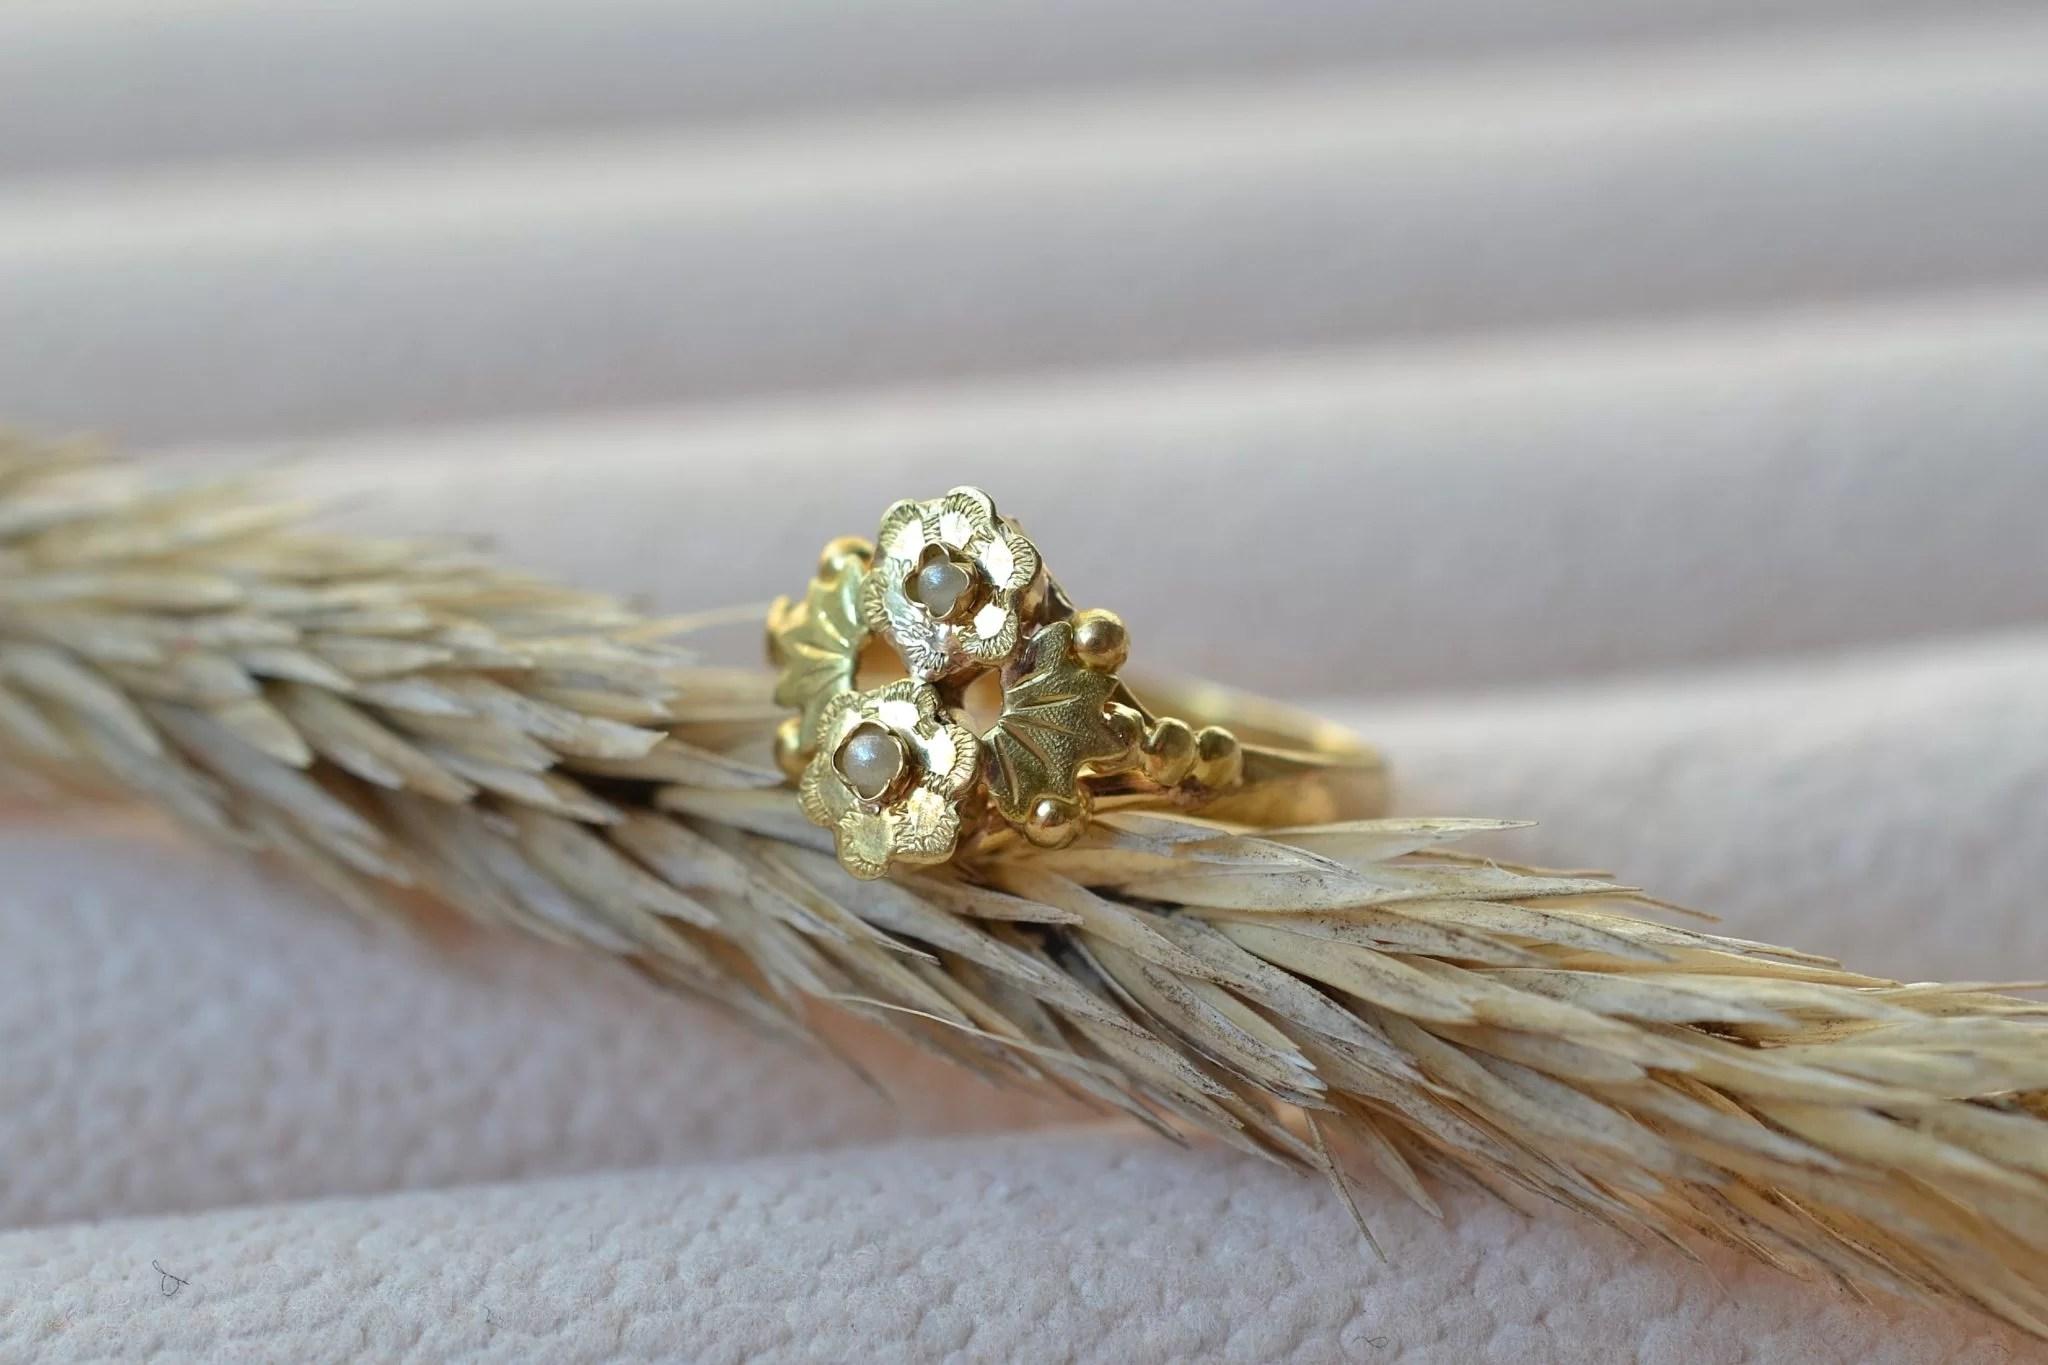 Bague Ancienne En Or Jaune À Motifs De Fleurs Serties De Petites Perles - Bague Ancienne